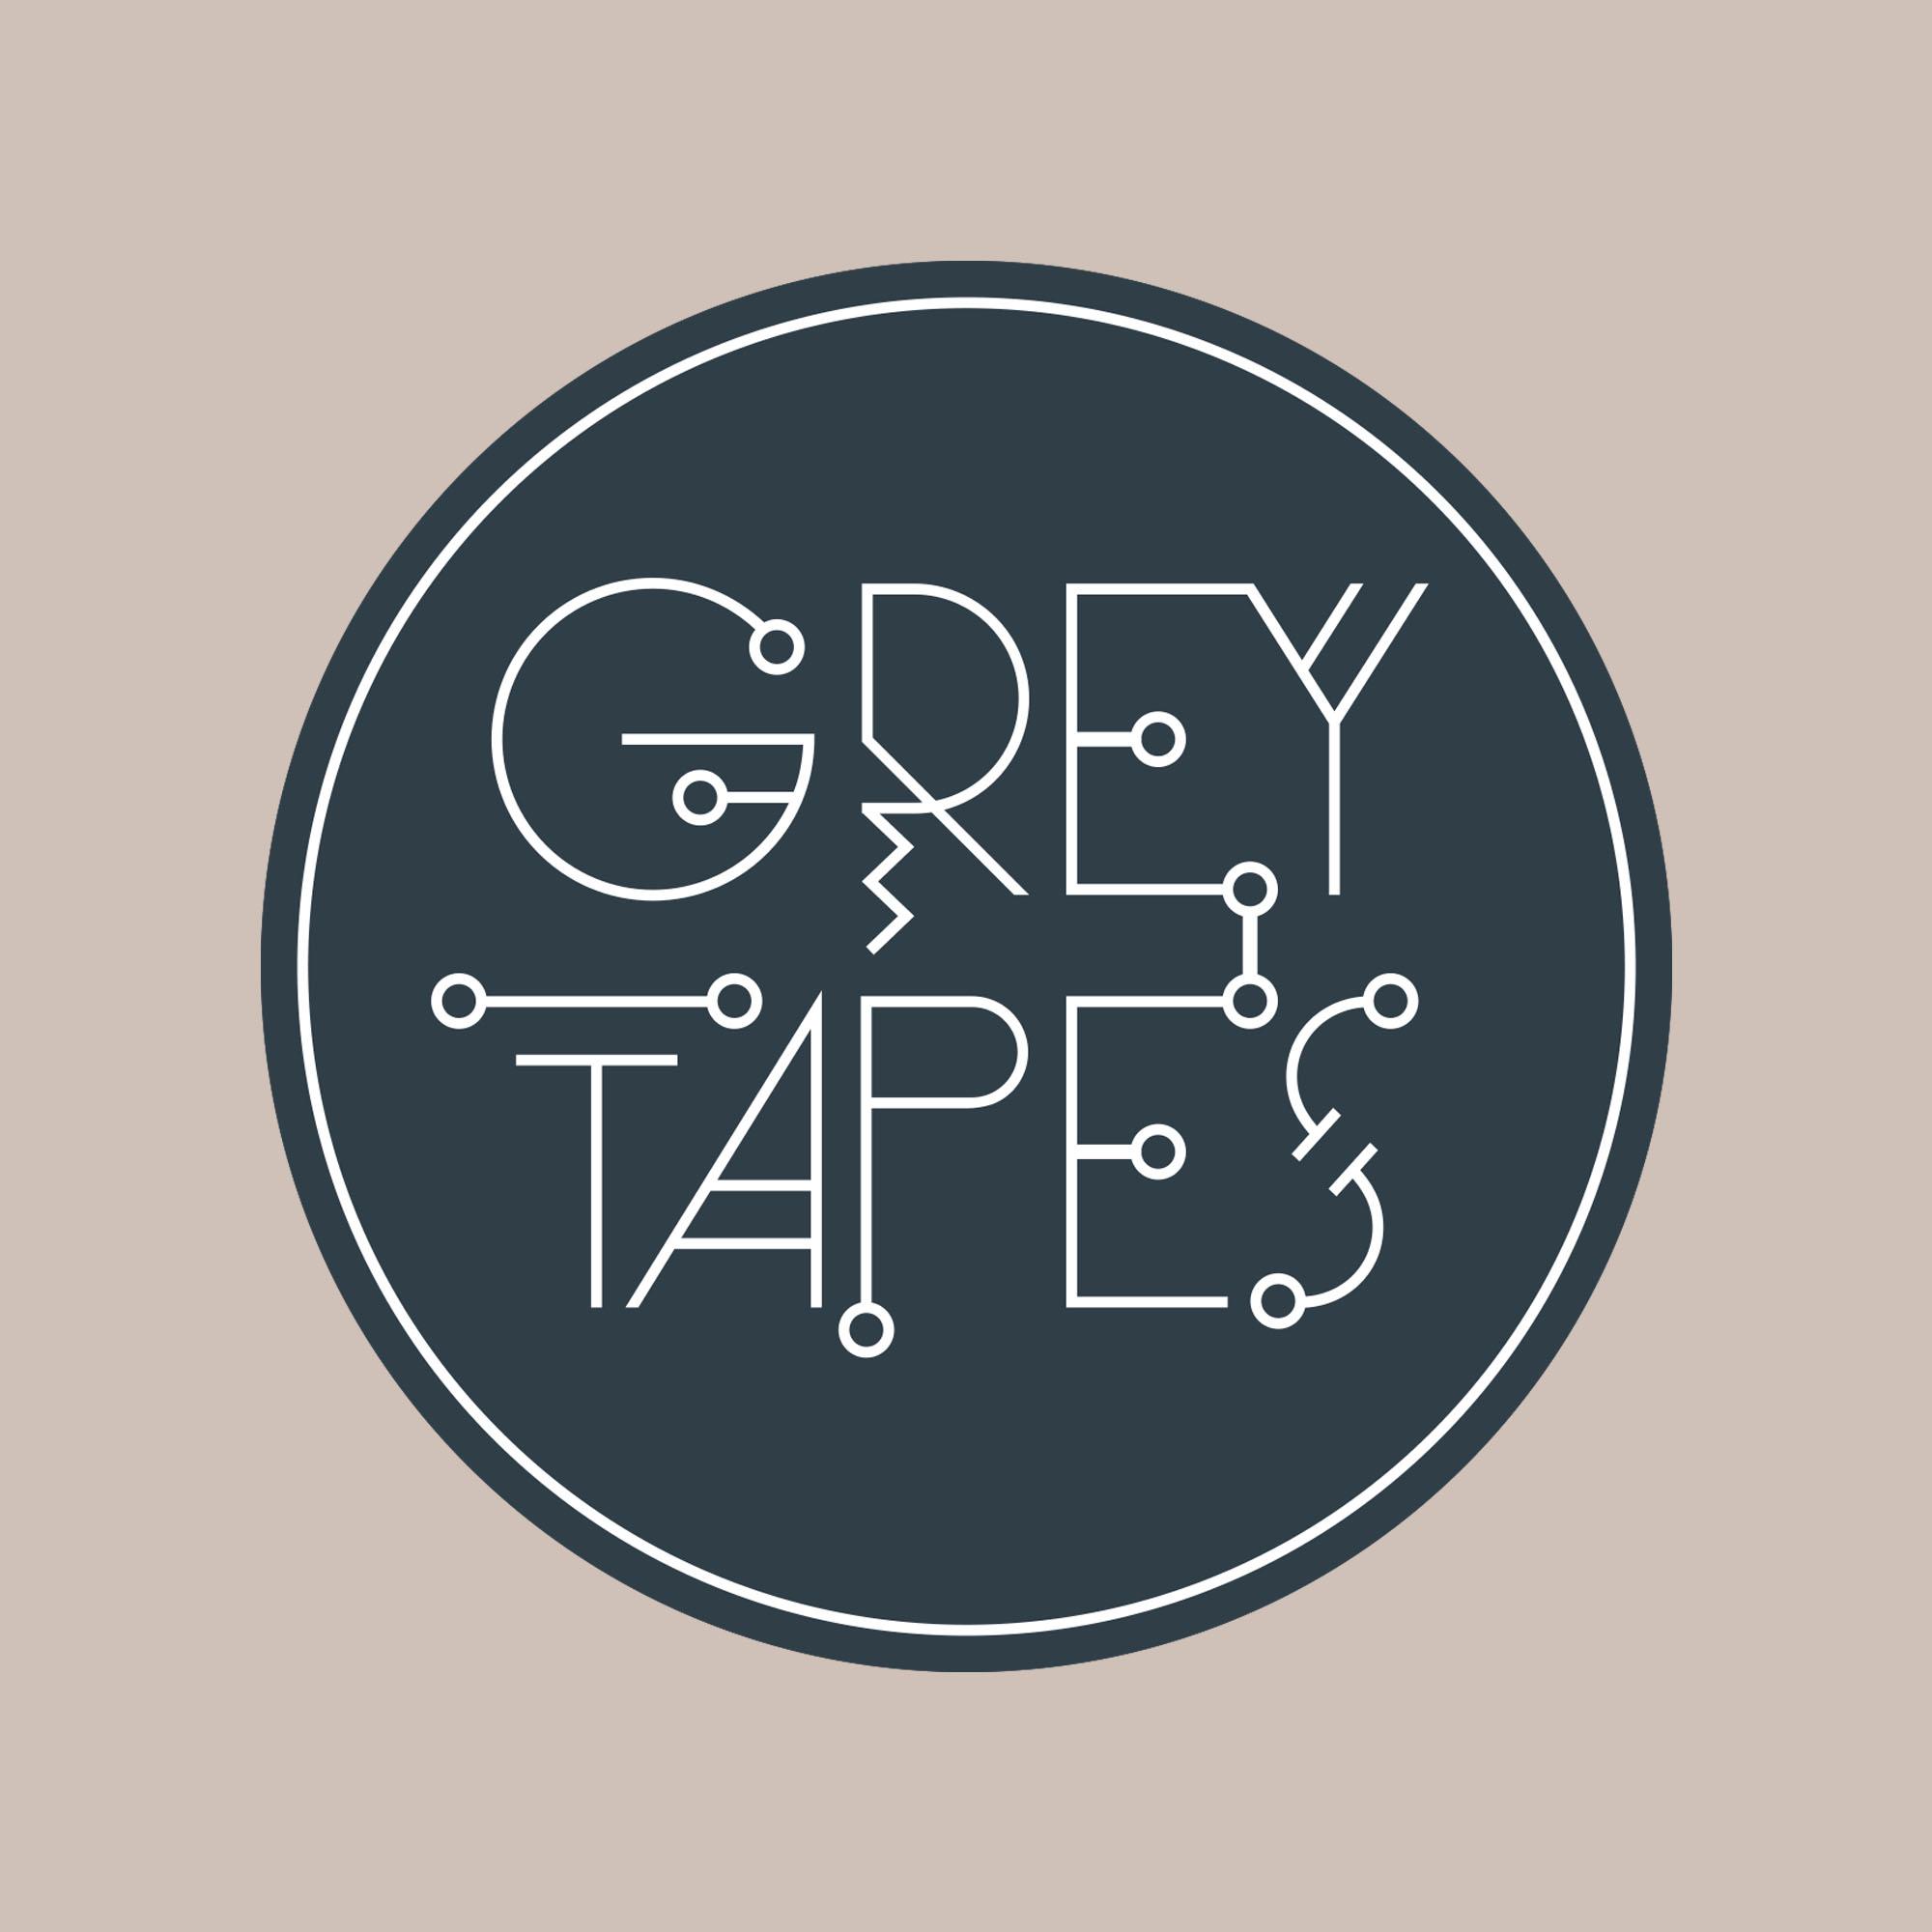 Grey Tapes logo identity